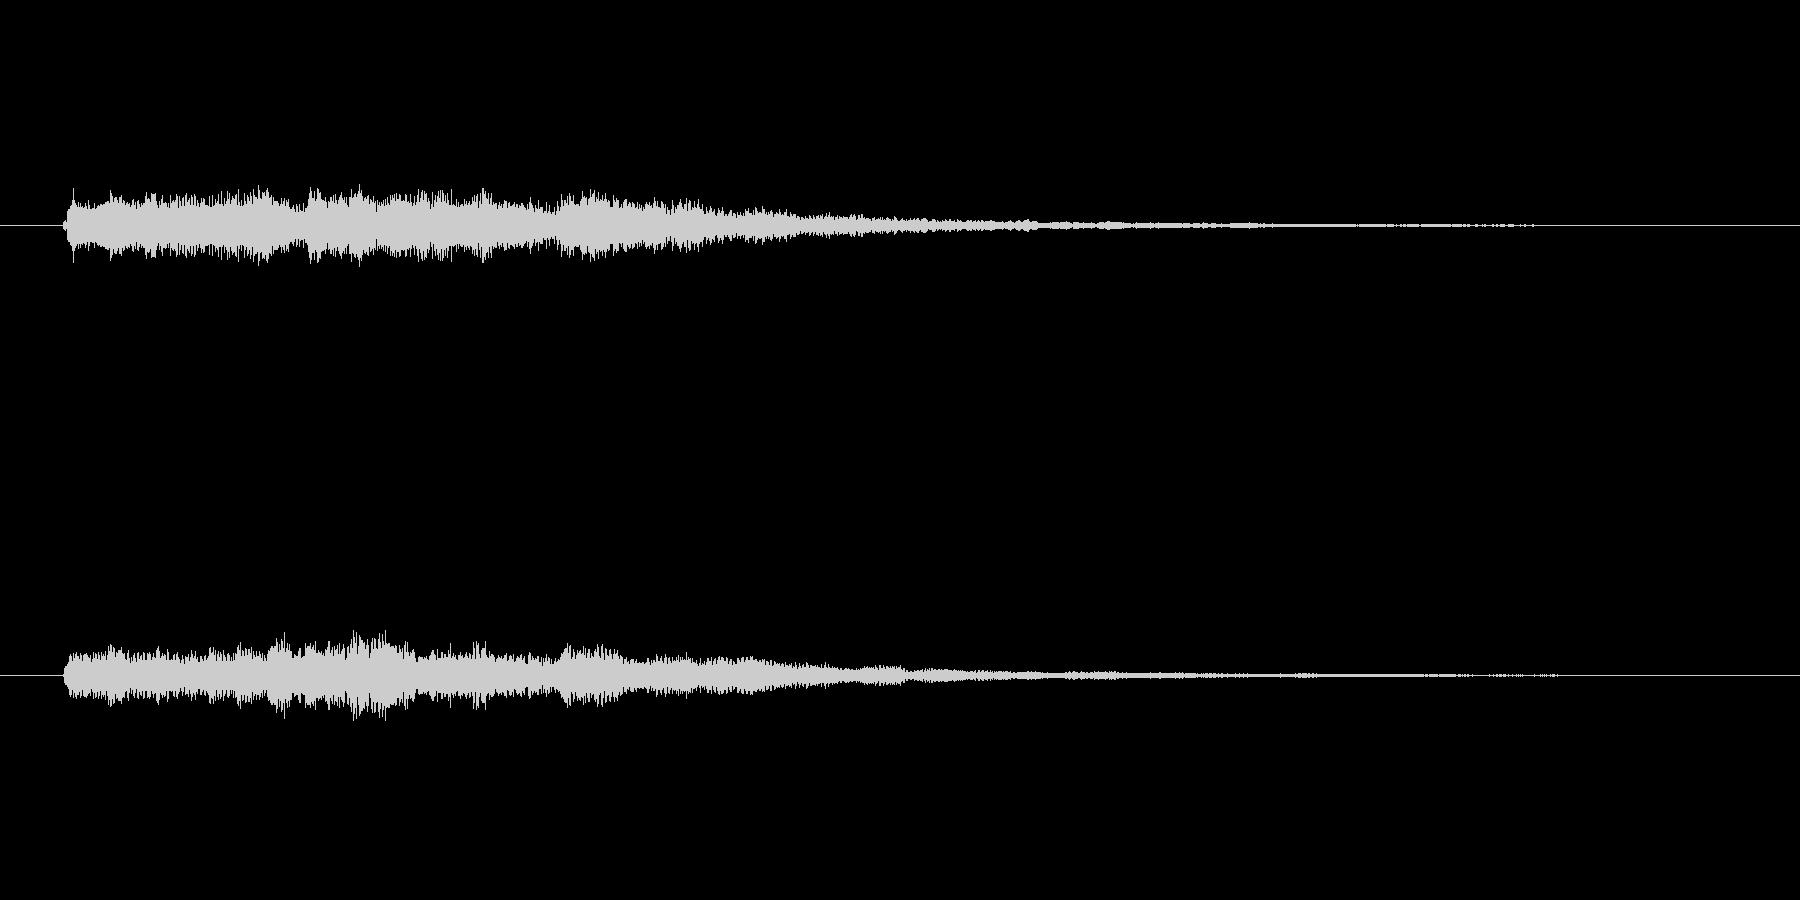 明るいシンセベルのサウンドロゴ2の未再生の波形